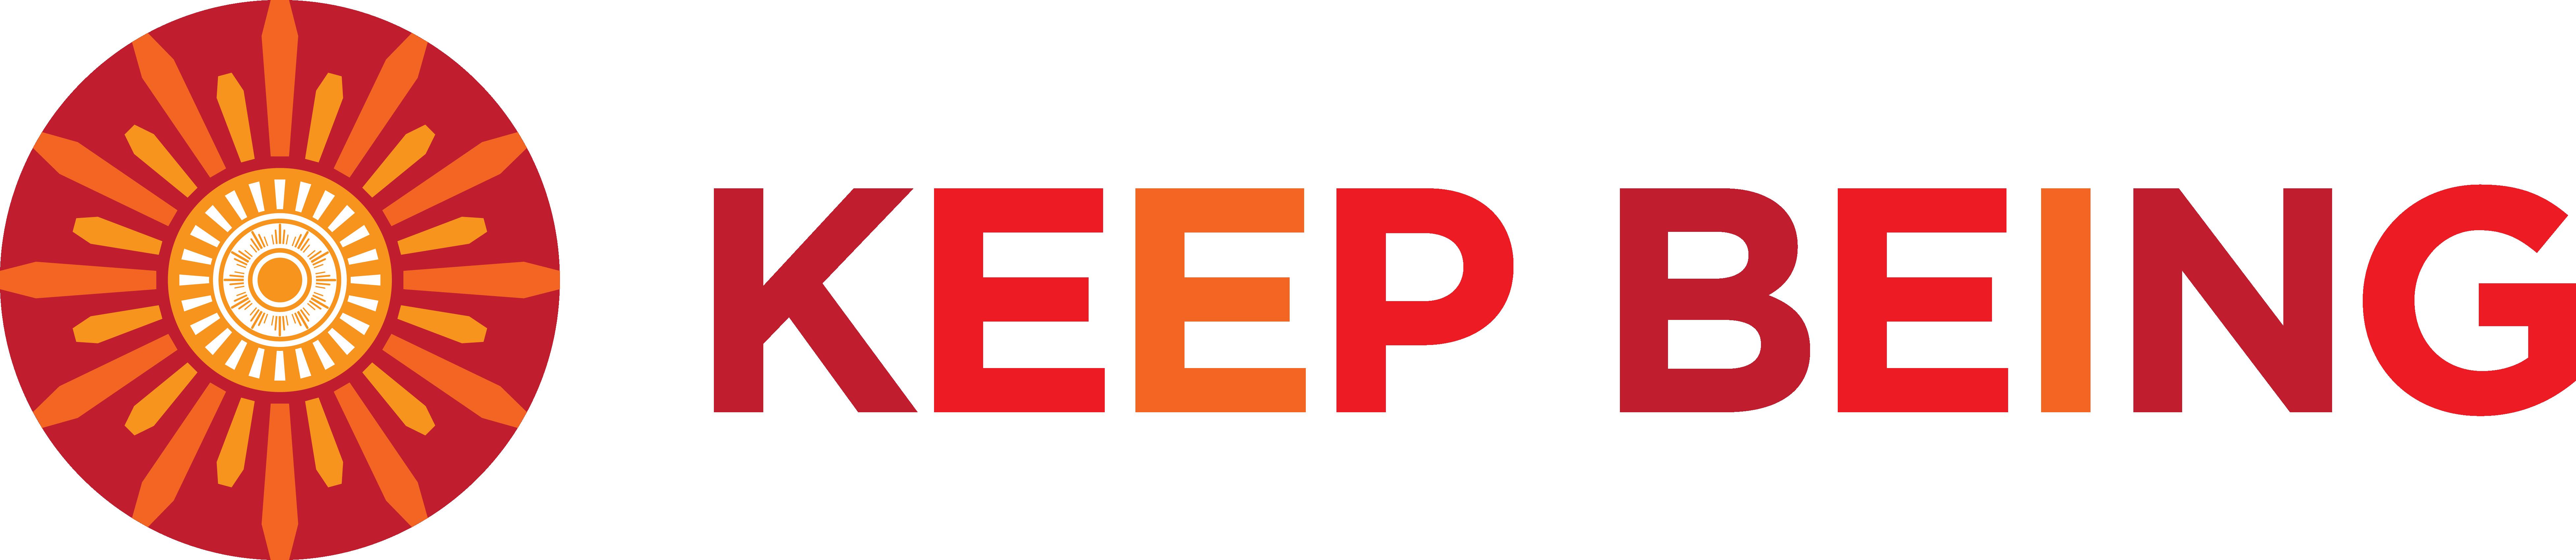 Keep Being